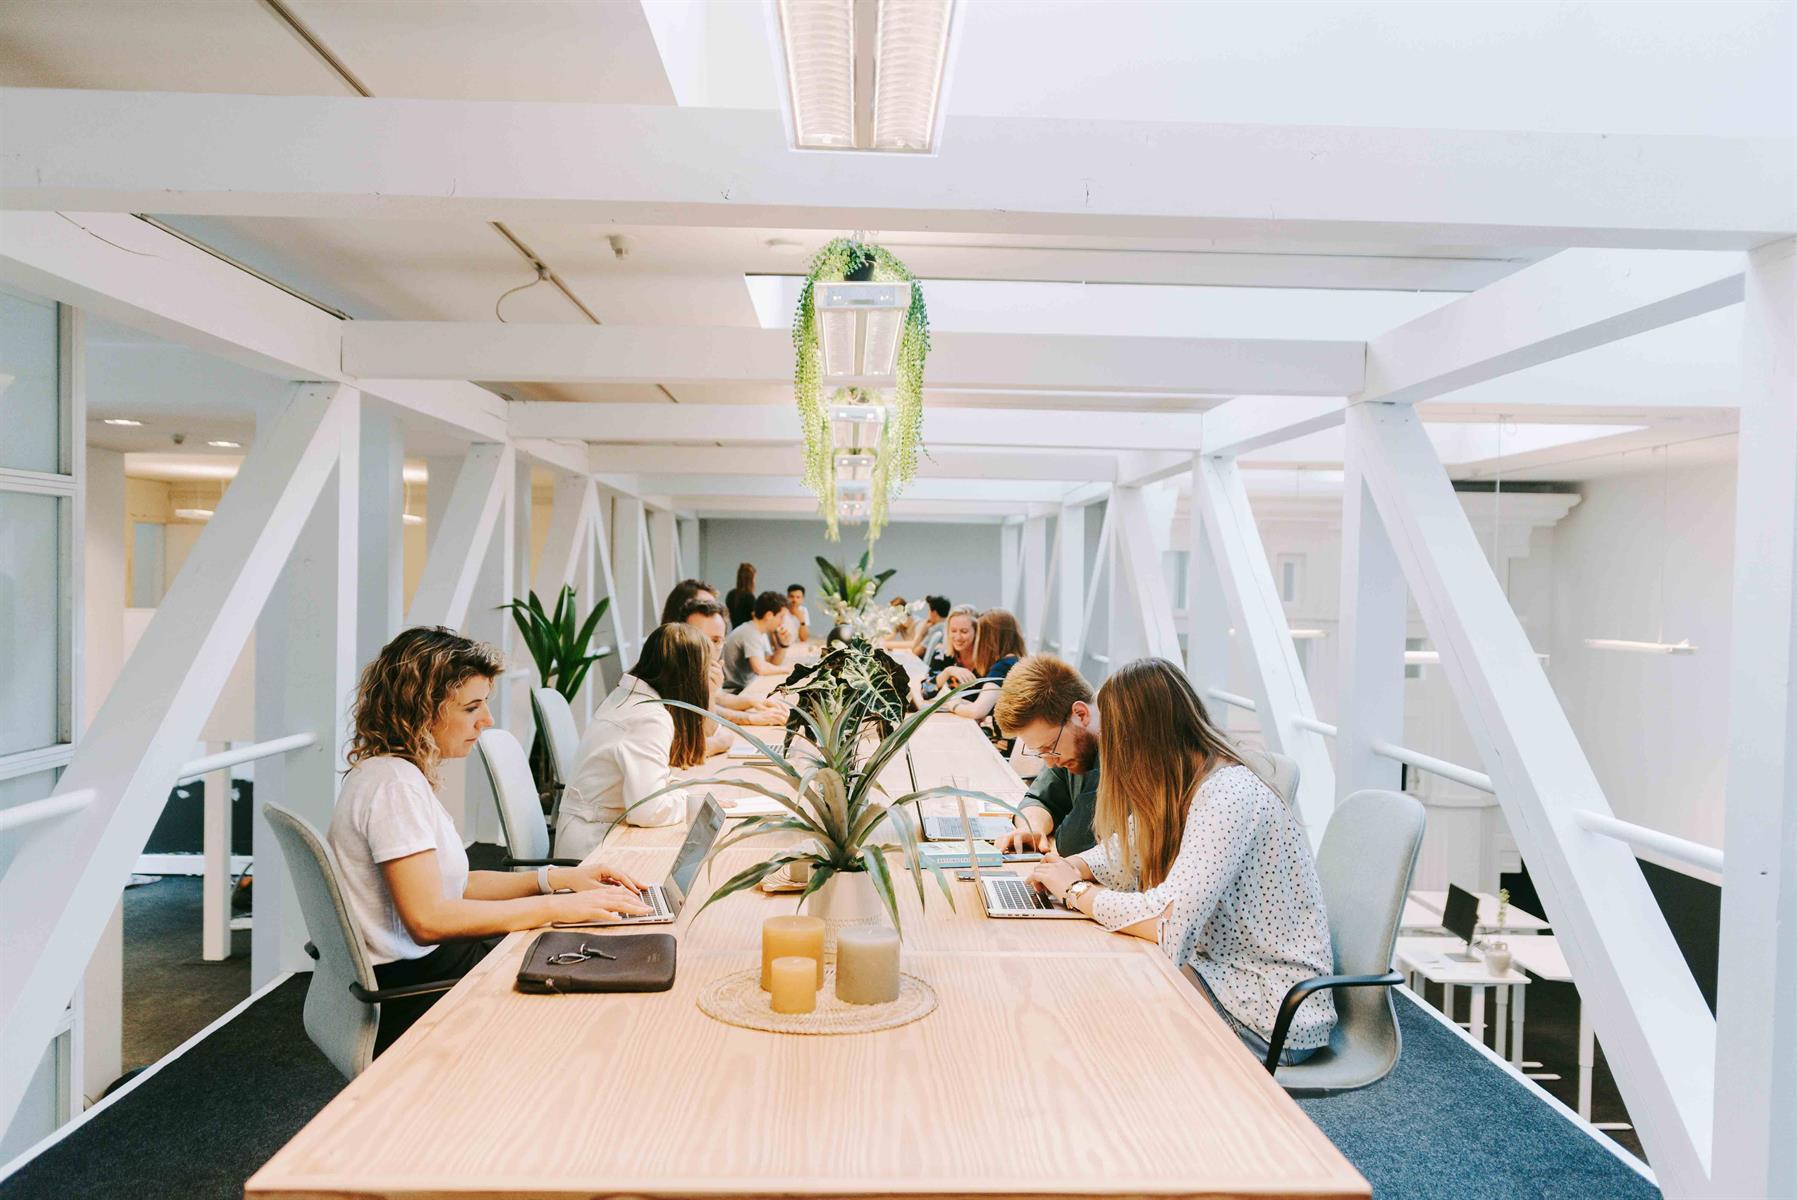 kantoor te huur Flexy - IJzerenpoortkaai 3, 2000 Antwerpen, België 1